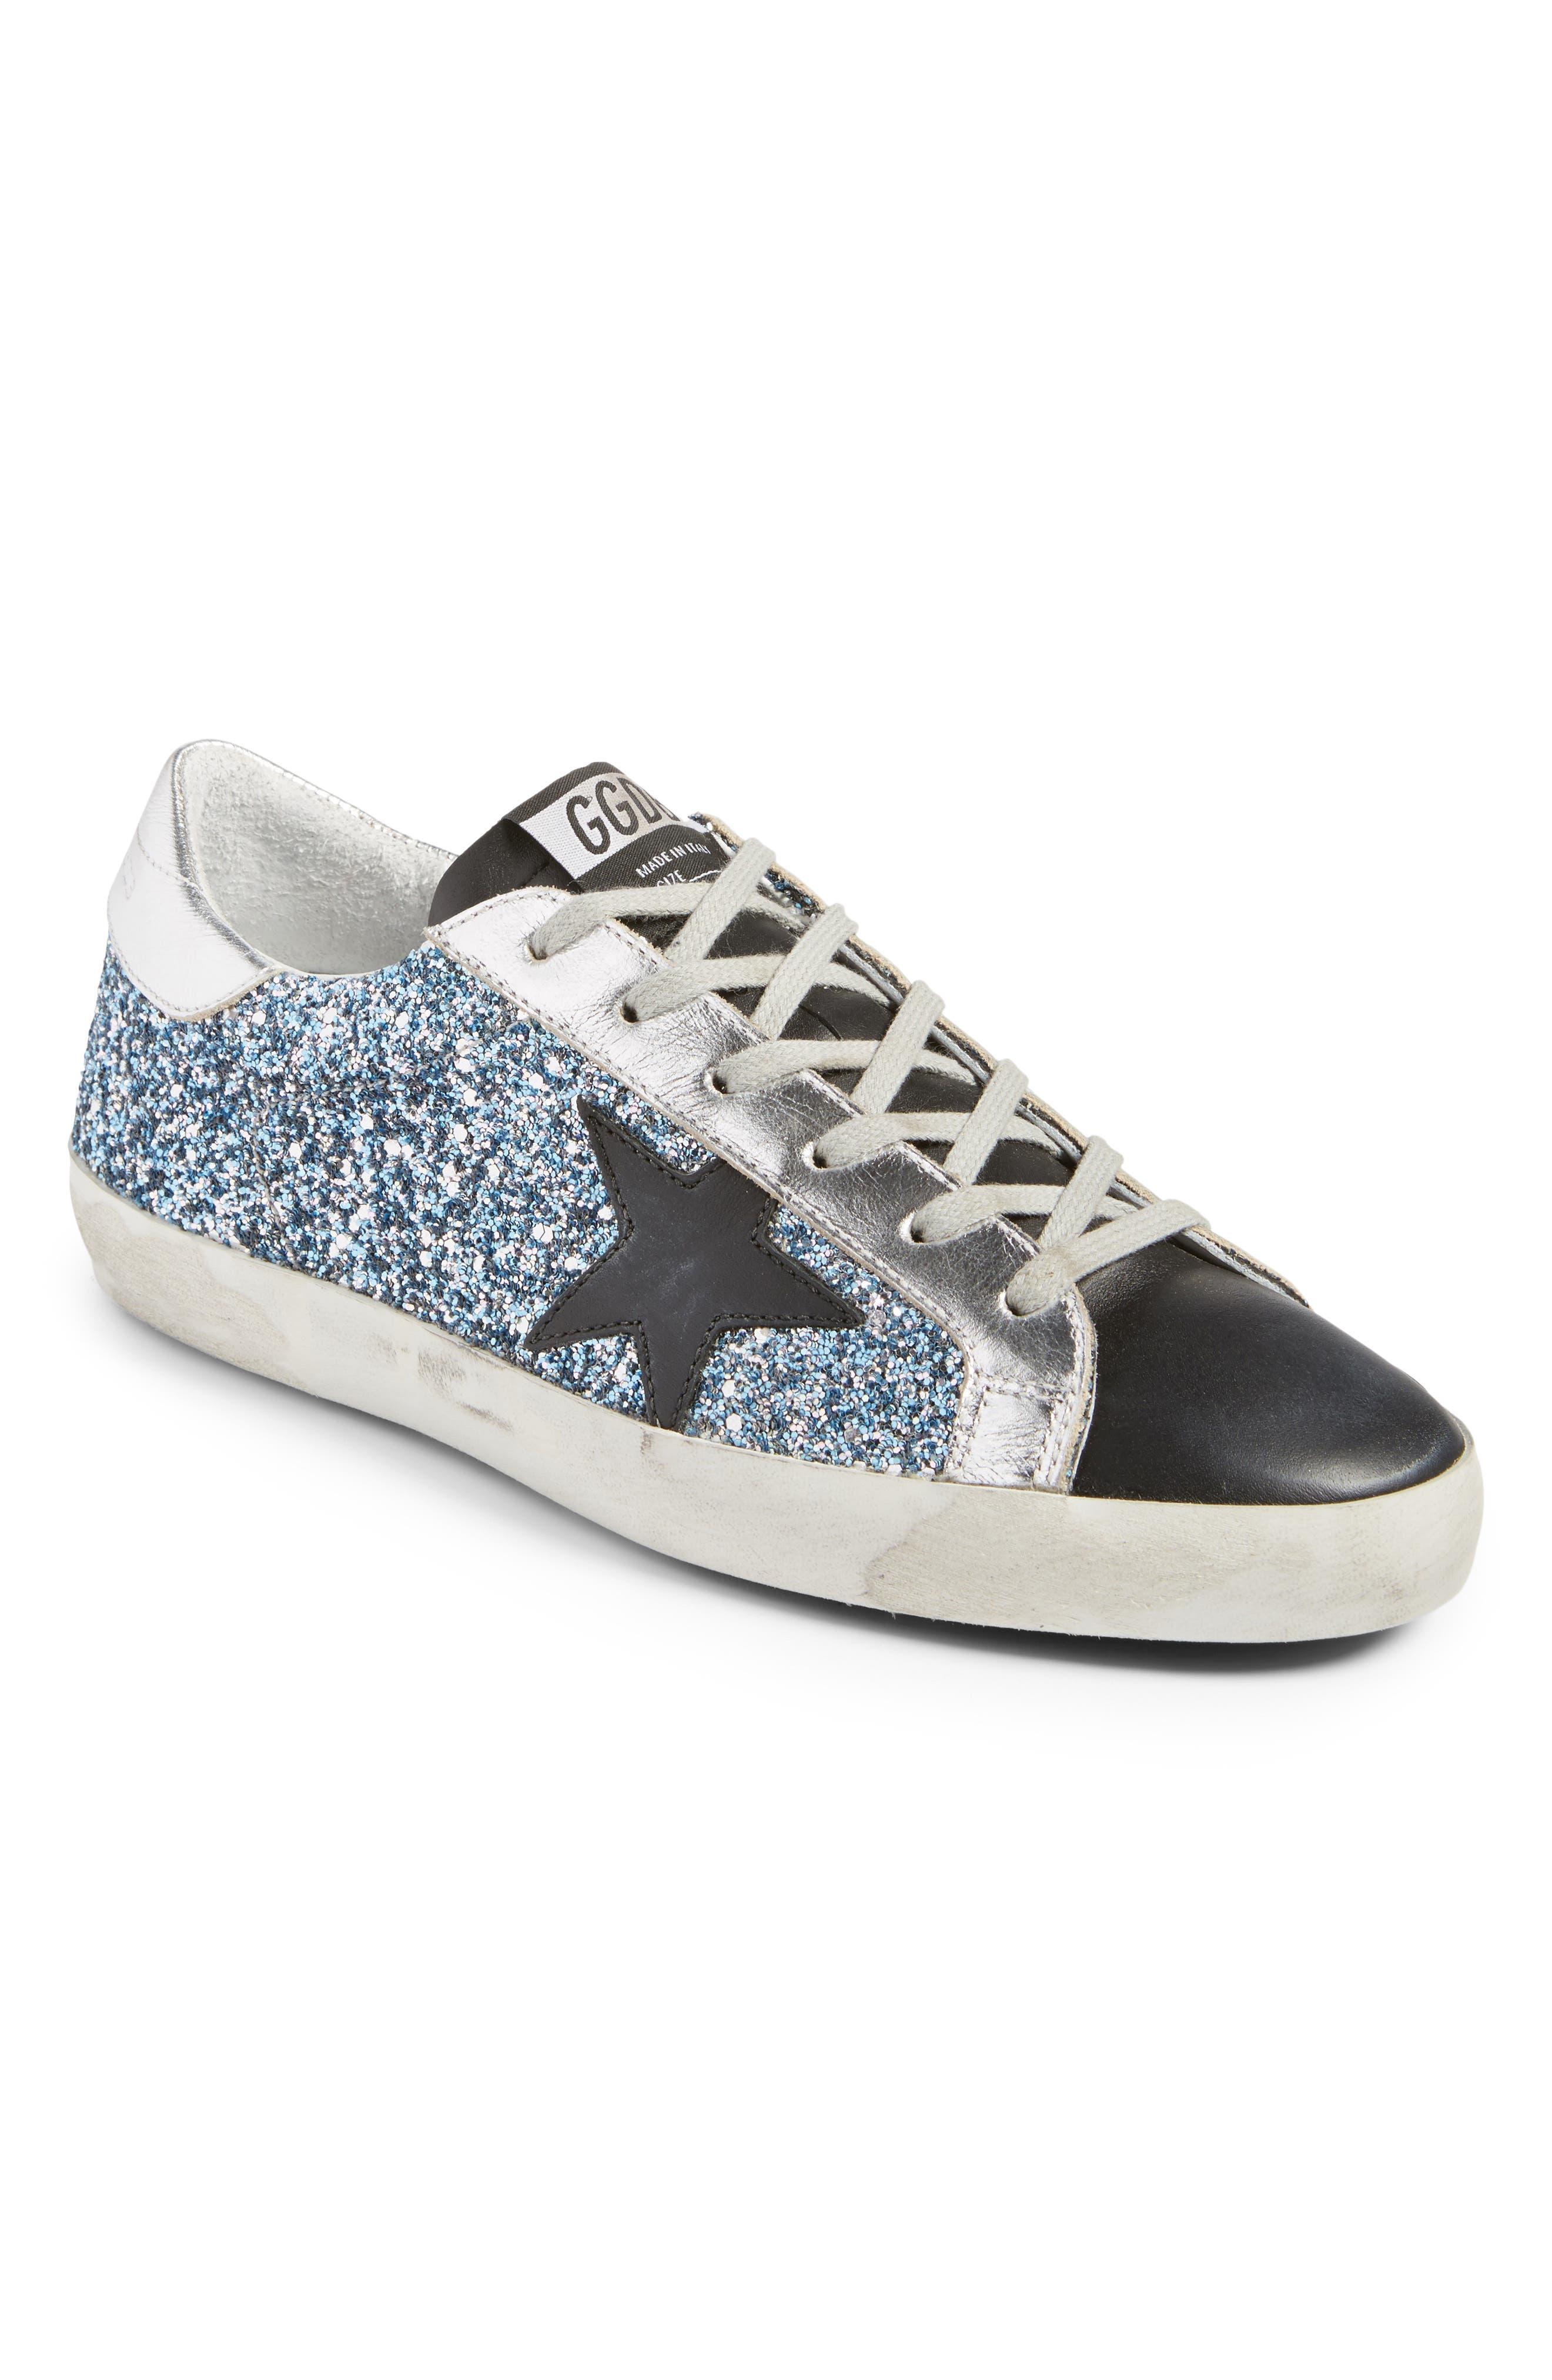 Superstar Glitter Sneaker,                             Main thumbnail 1, color,                             400